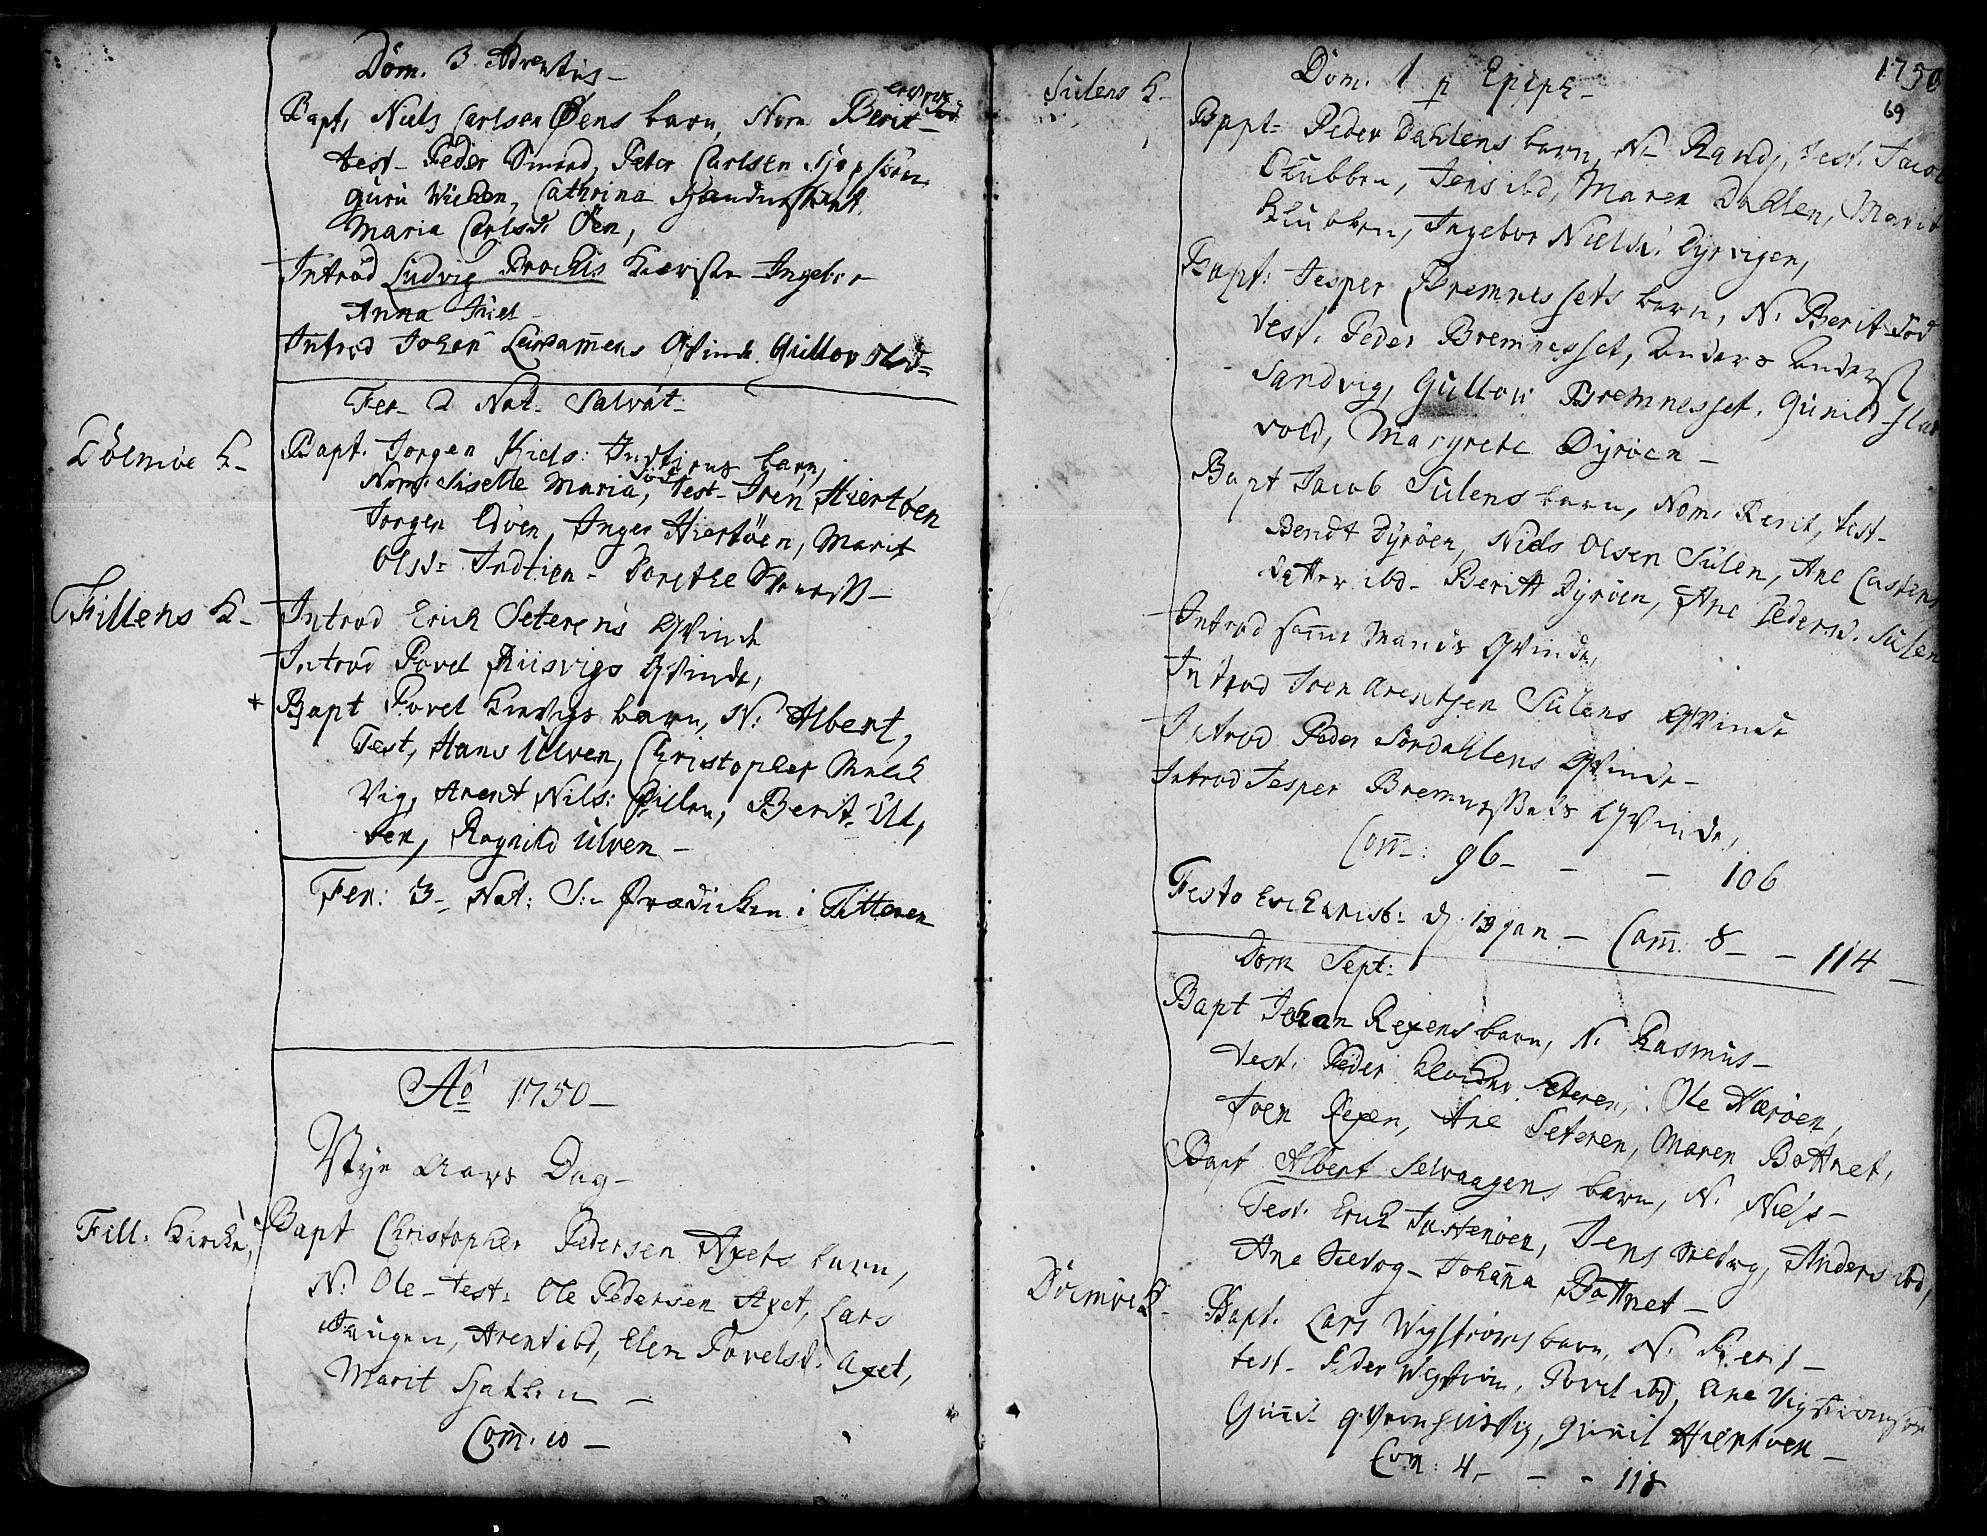 SAT, Ministerialprotokoller, klokkerbøker og fødselsregistre - Sør-Trøndelag, 634/L0525: Ministerialbok nr. 634A01, 1736-1775, s. 69